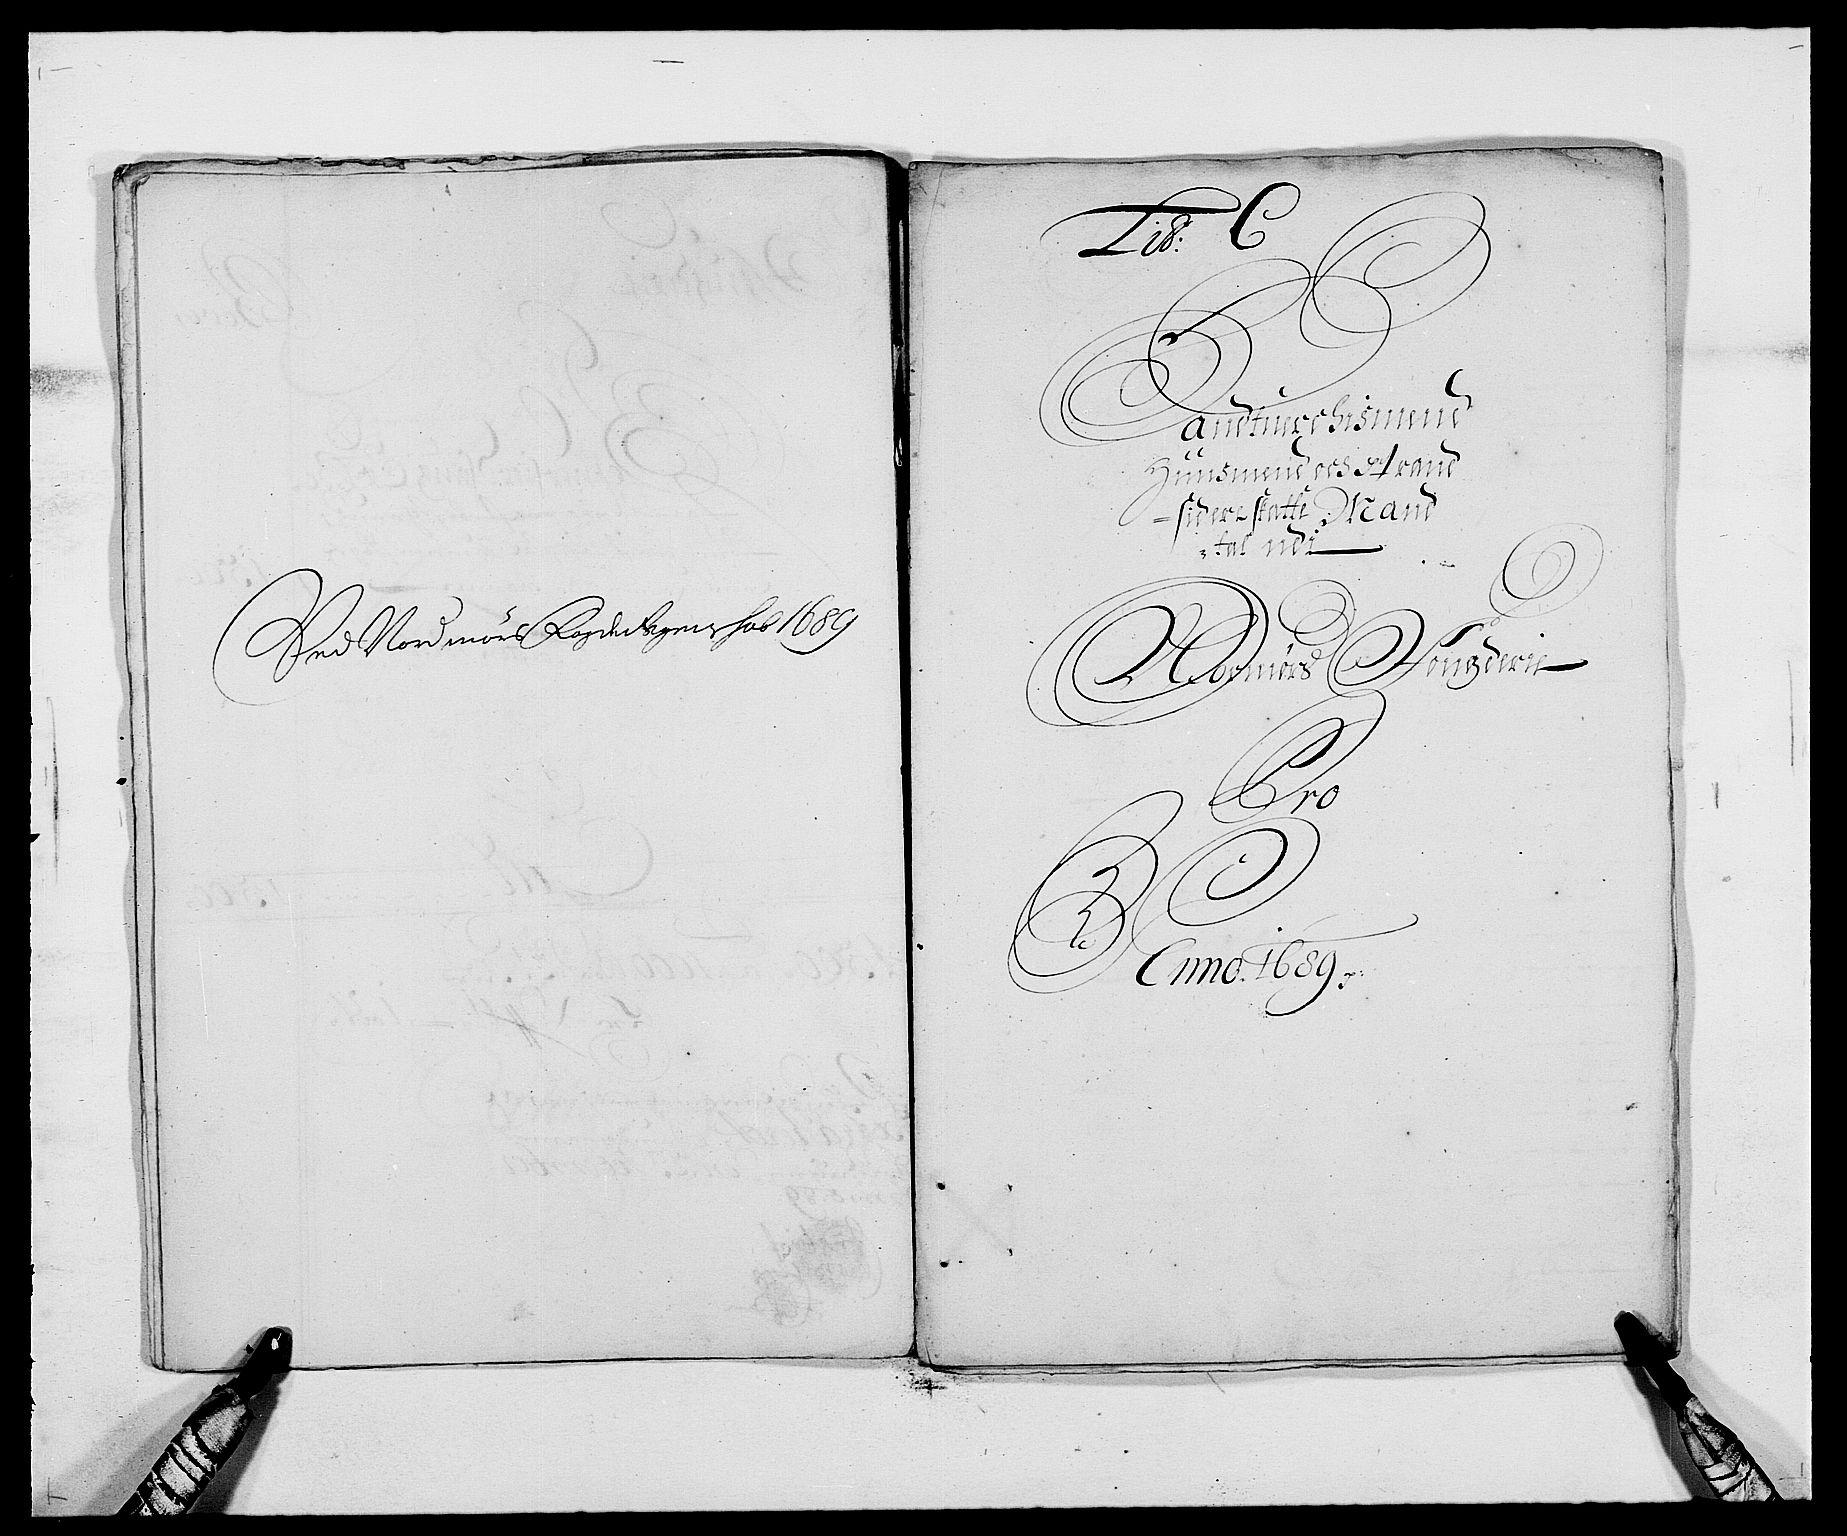 RA, Rentekammeret inntil 1814, Reviderte regnskaper, Fogderegnskap, R56/L3733: Fogderegnskap Nordmøre, 1687-1689, s. 358